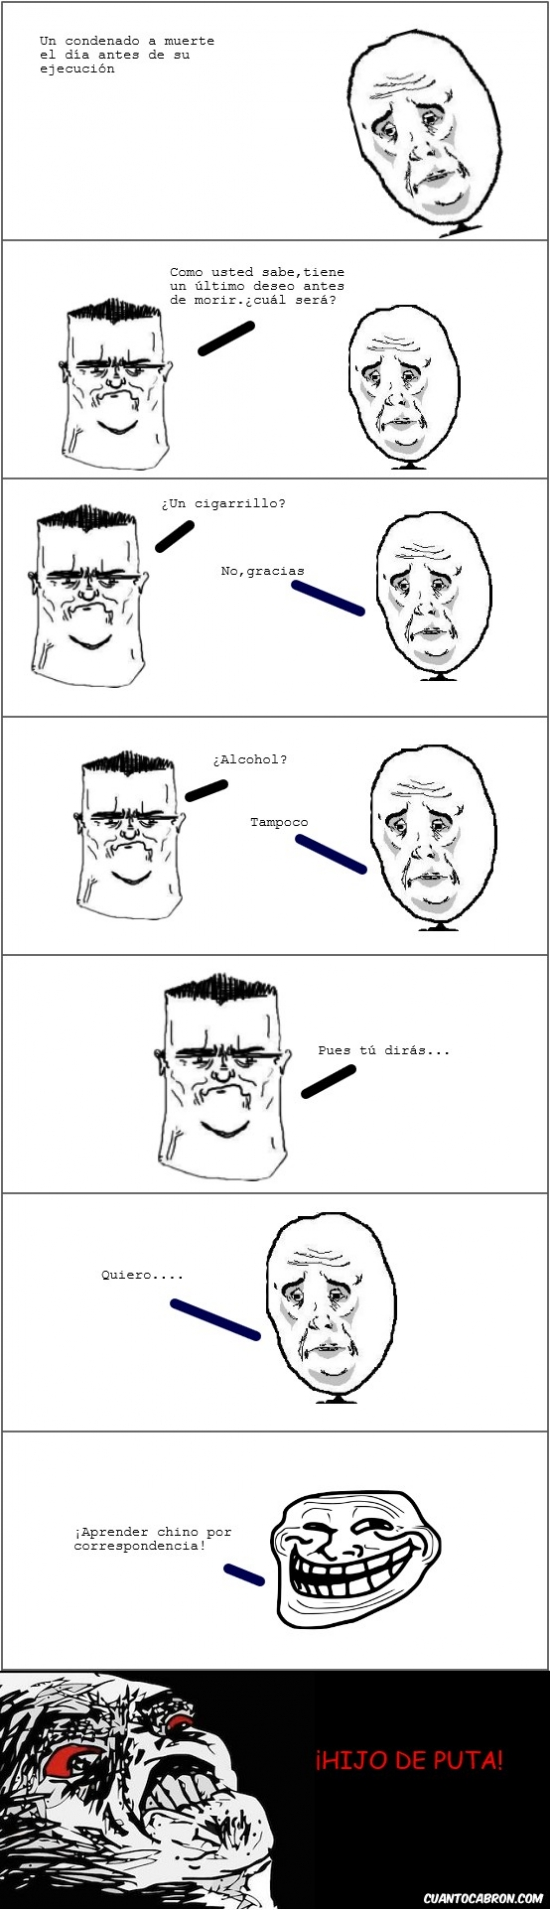 Trollface - Su último deseo